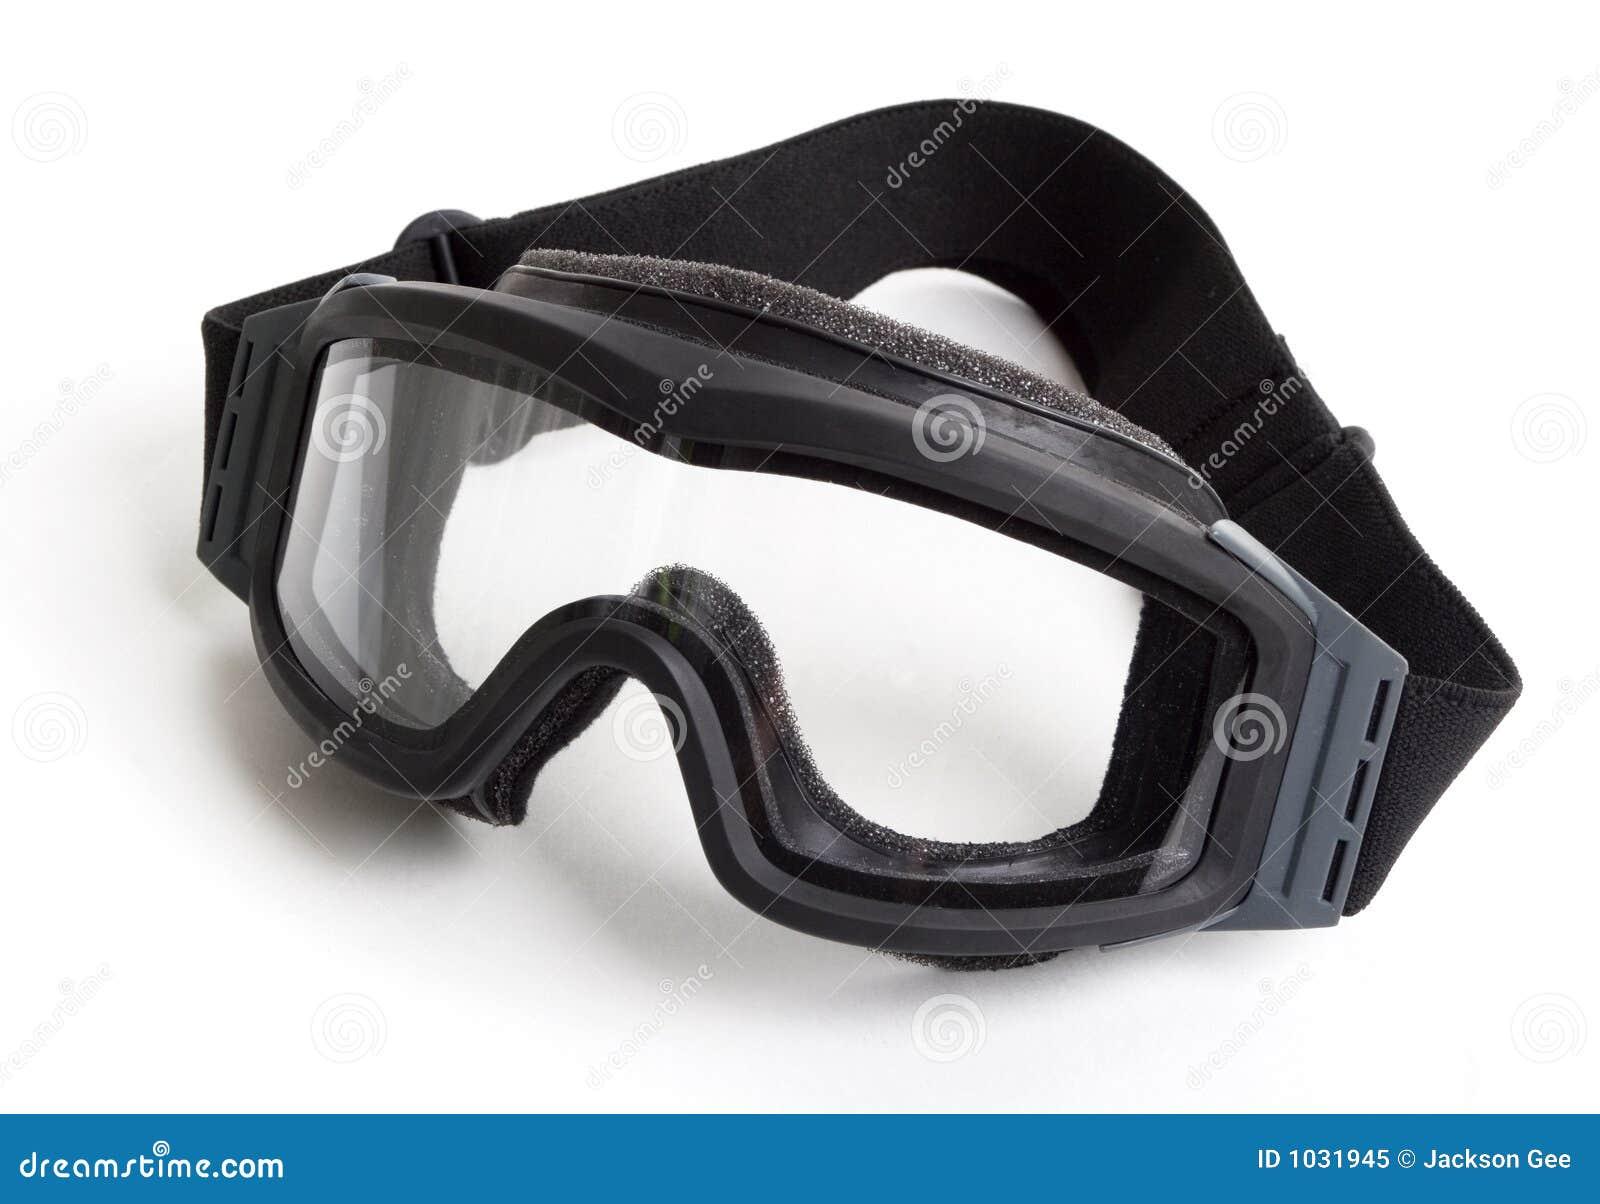 b124b1f584128 Óculos de proteção táticos imagem de stock. Imagem de faísca - 1031945